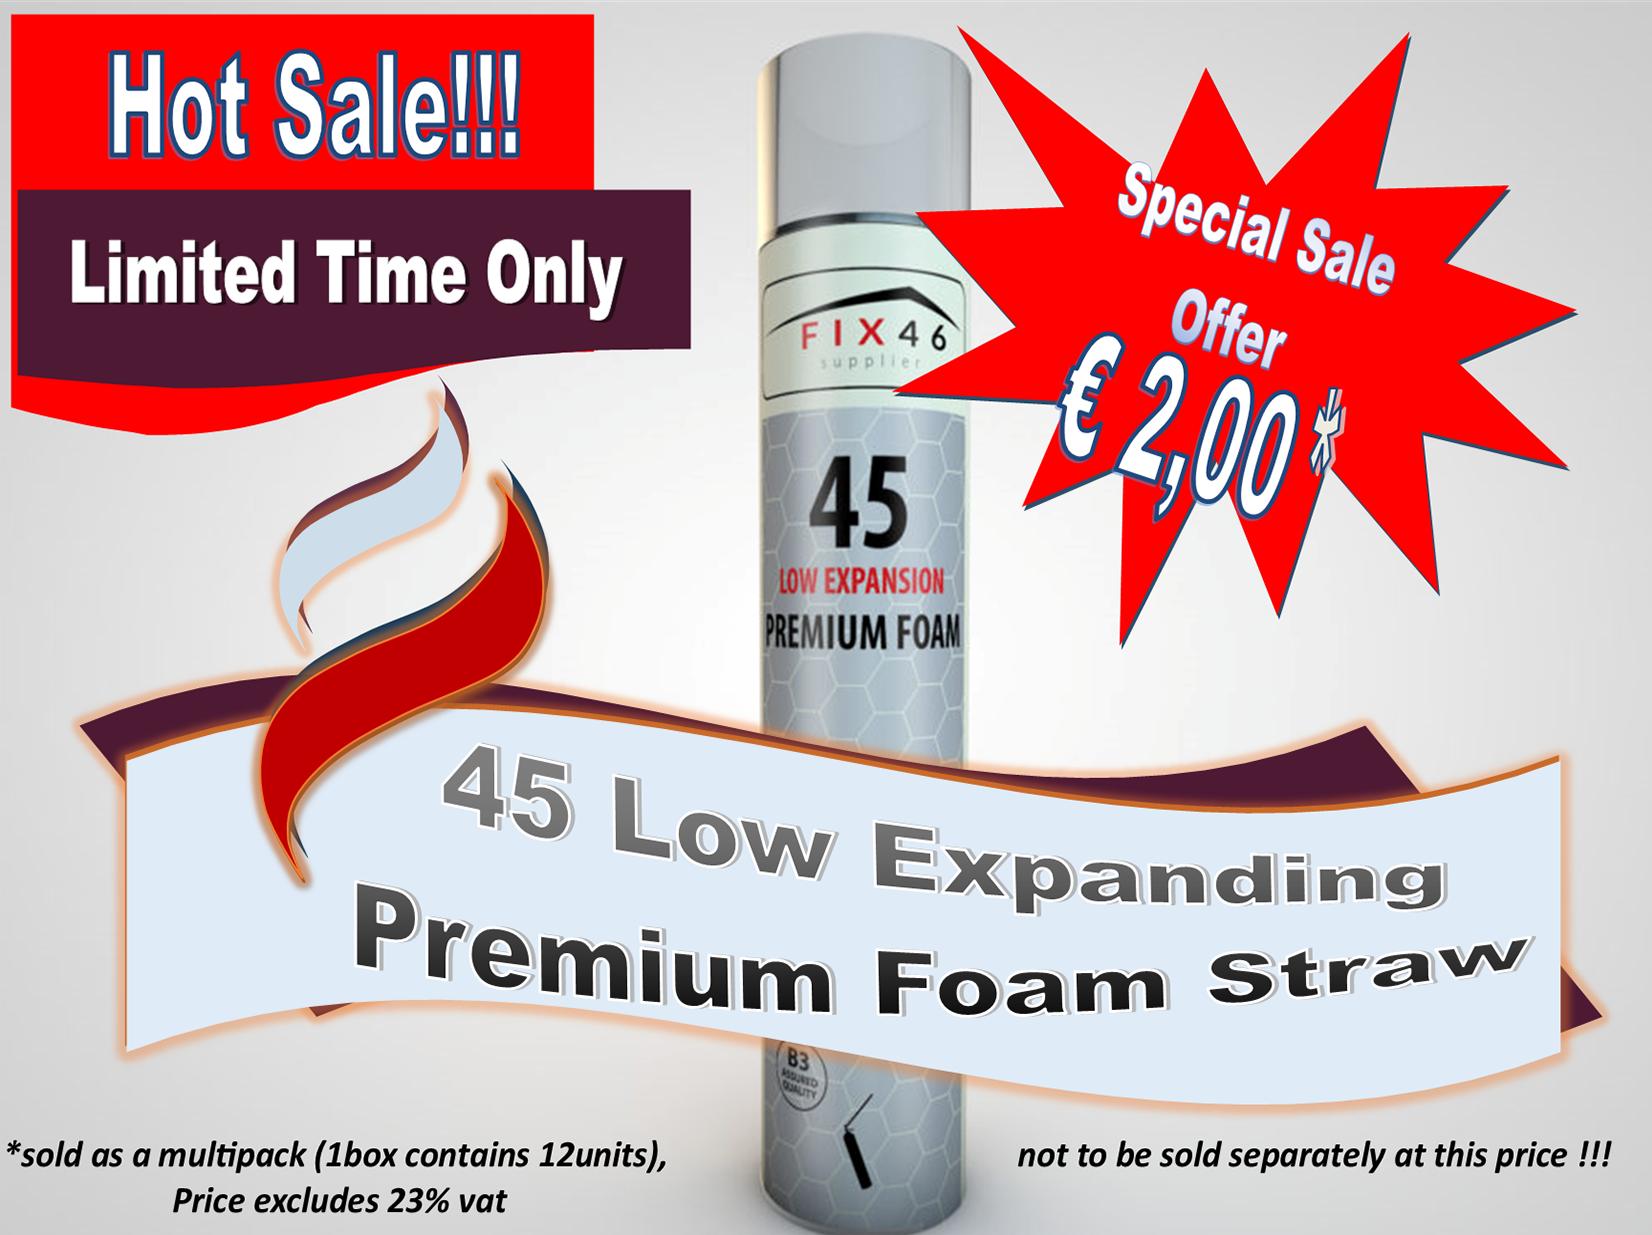 Low Expanding foam Straw